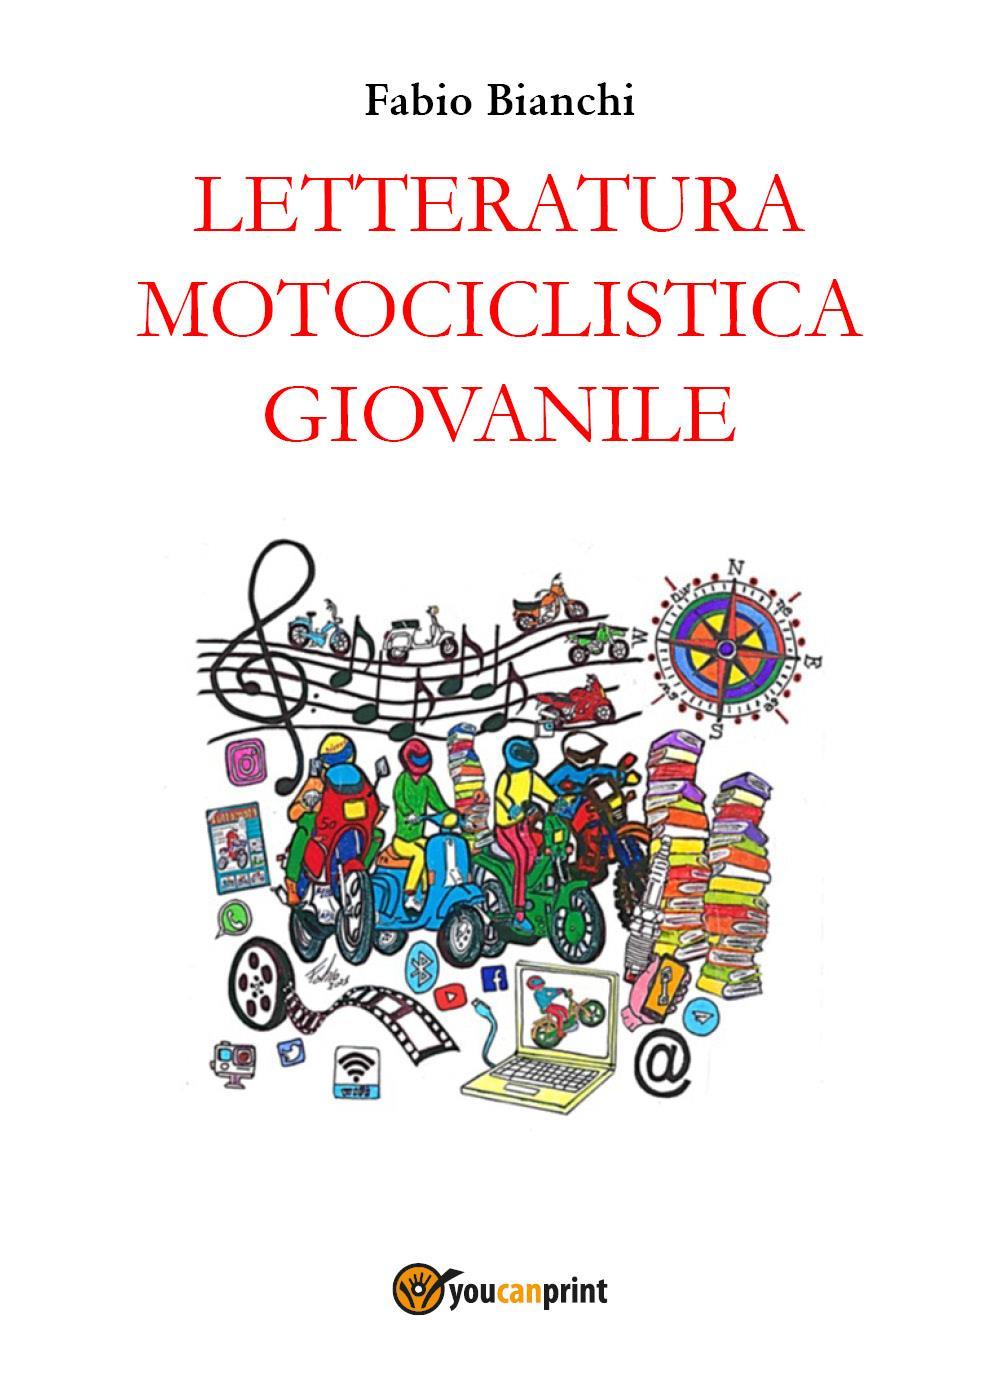 Letteratura motociclistica giovanile